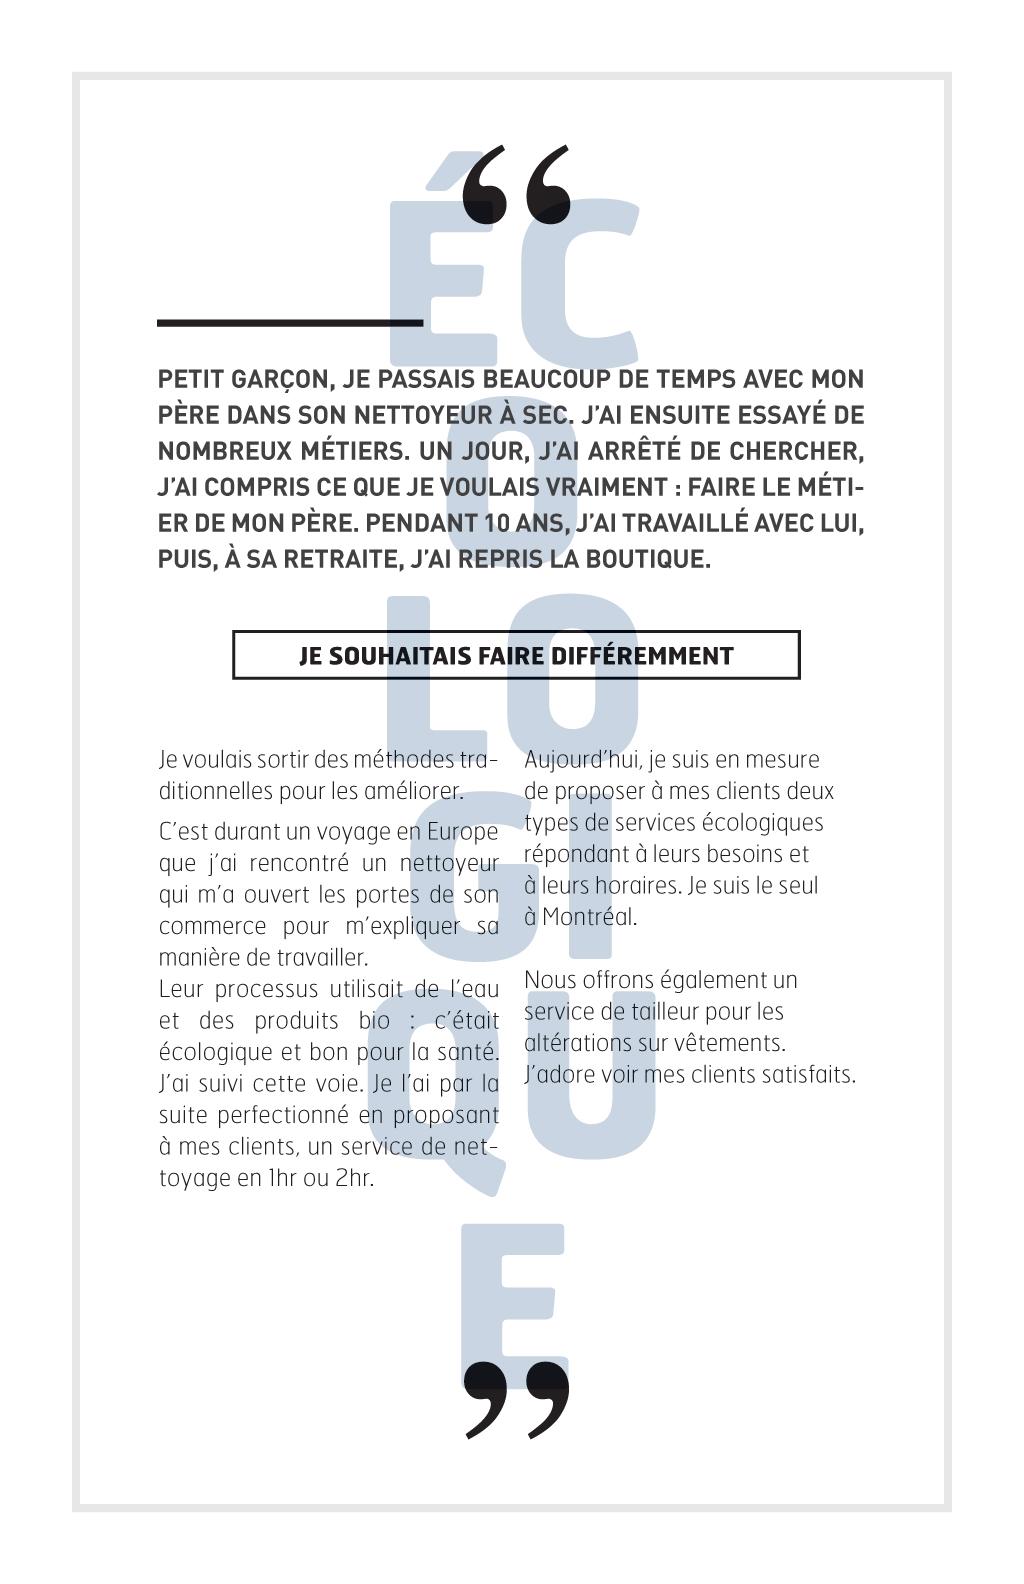 Reportage sur les métiers de la couture à Montréal :: Le fil d'Ariane # 6 :: James Bitzilos, Nettoyeur et Tailleur Renew Système